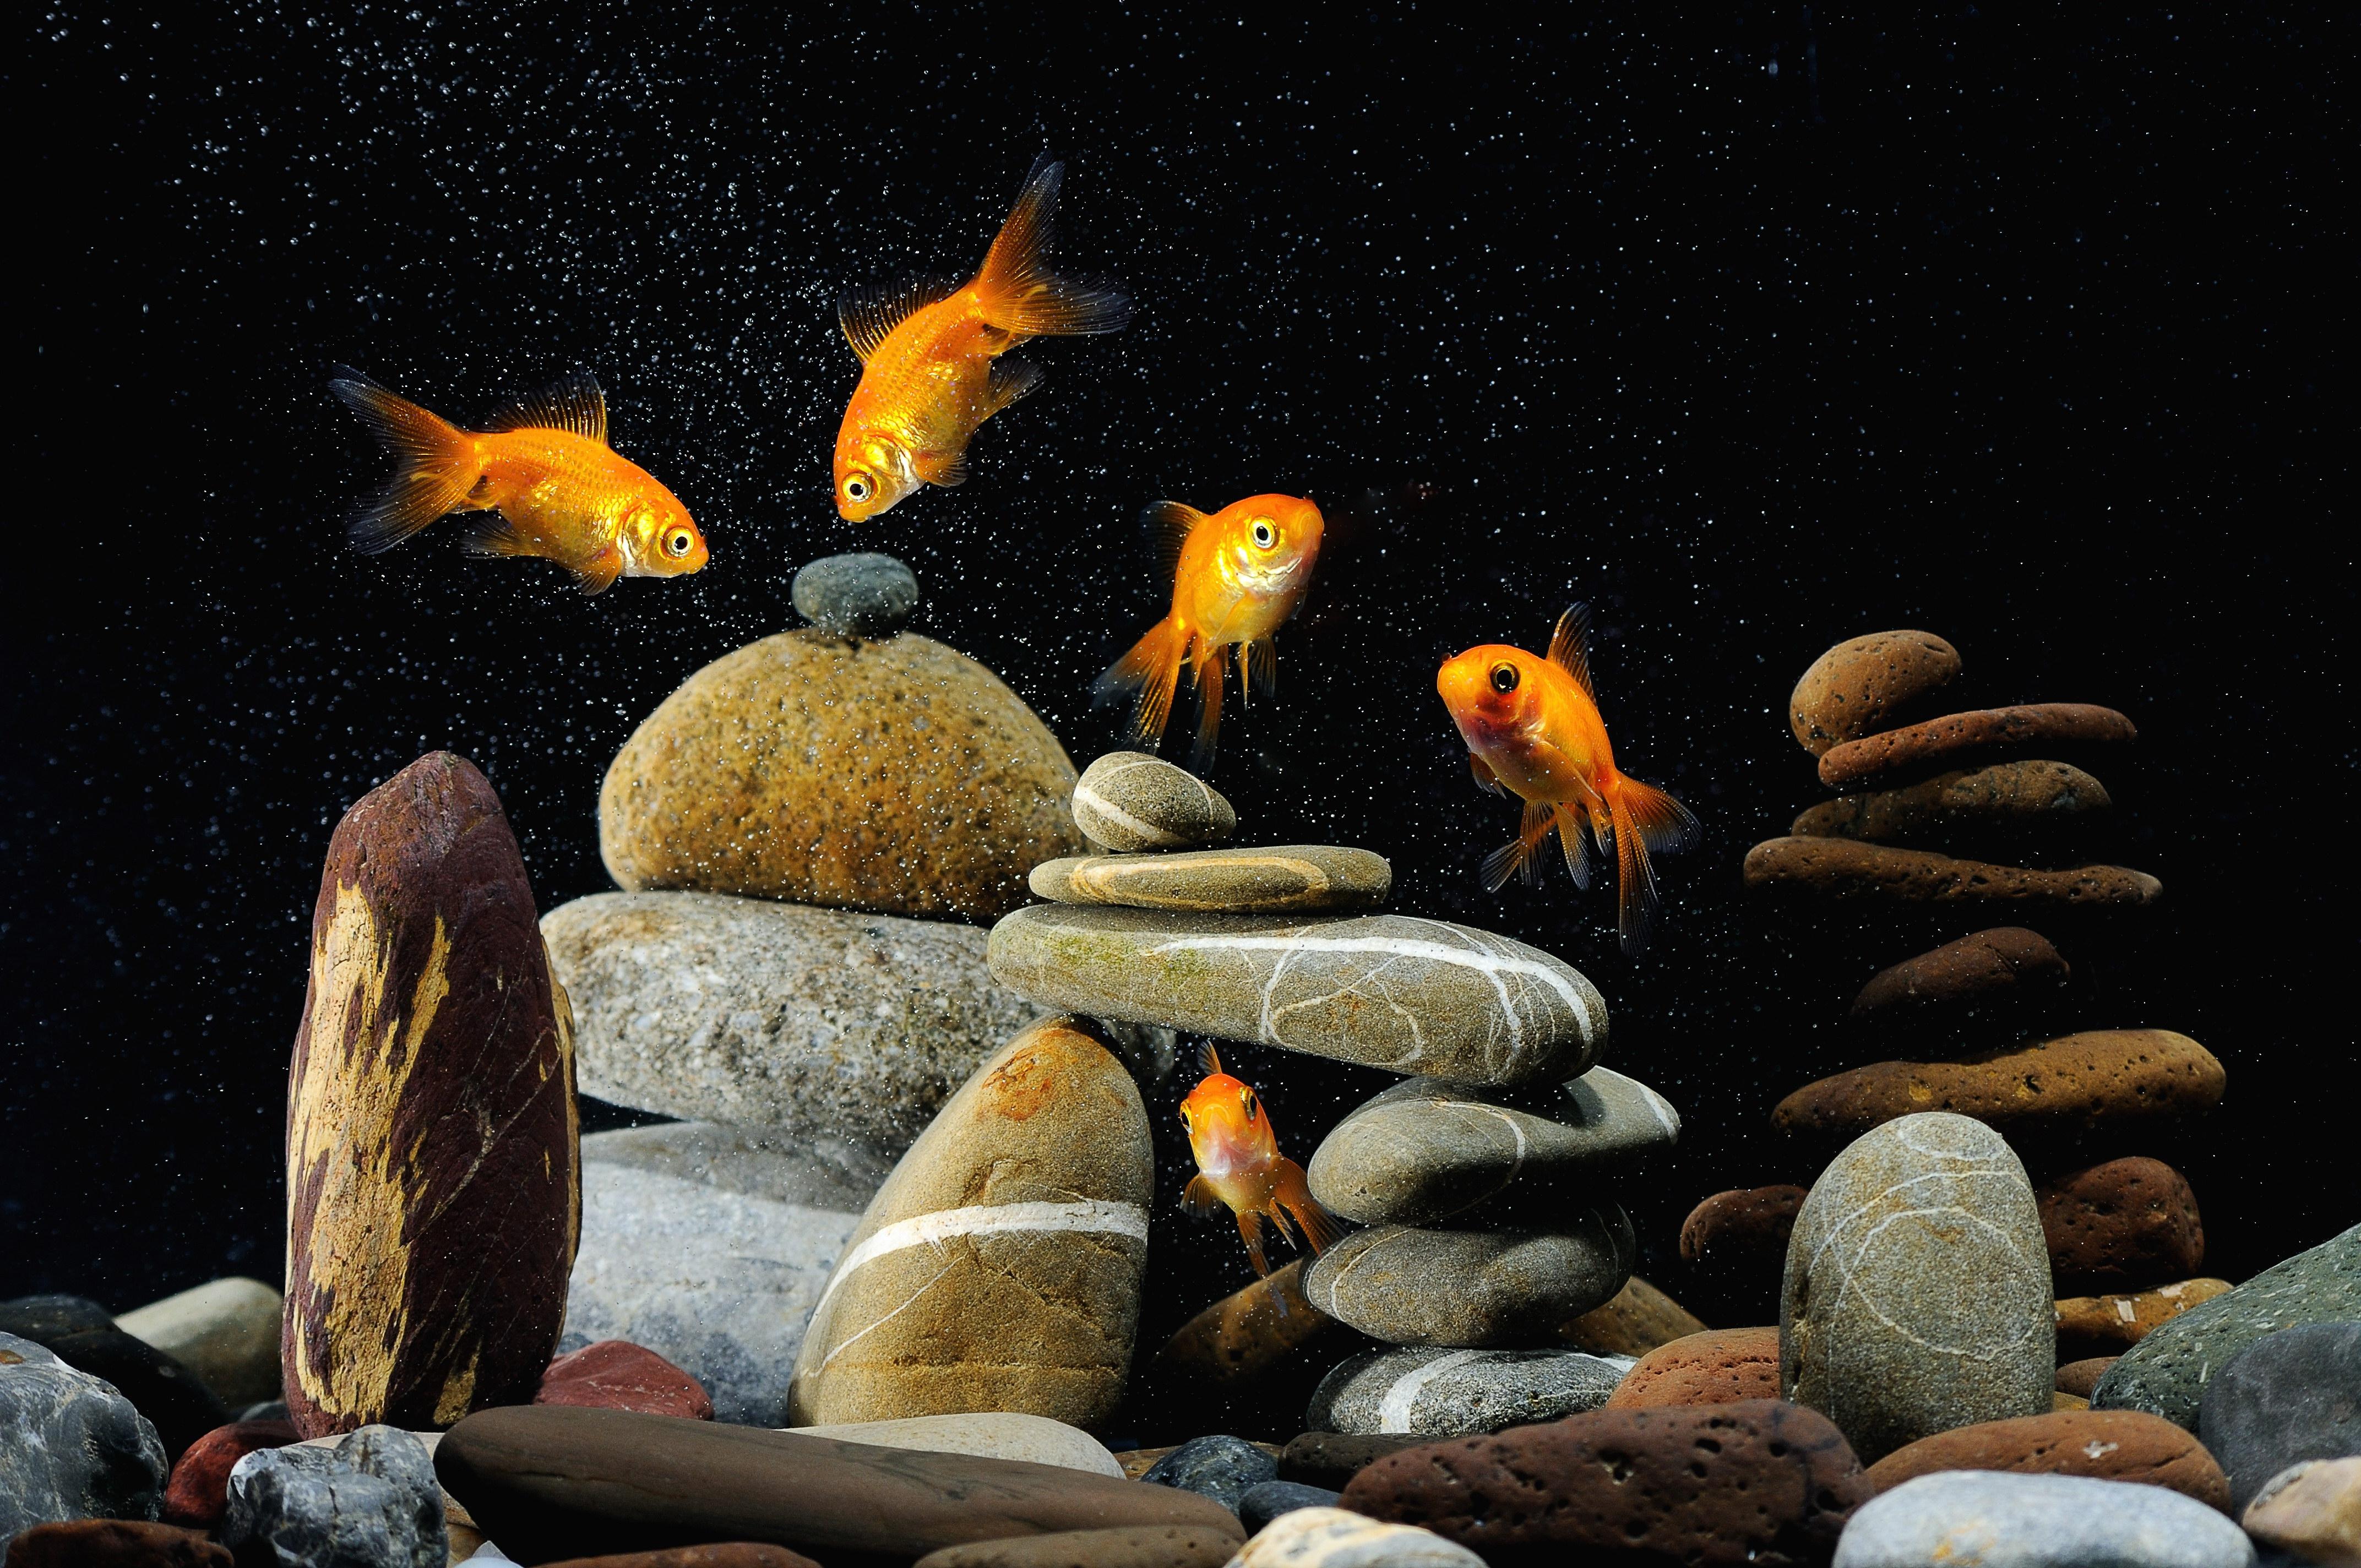 120370 Заставки и Обои Рыбы на телефон. Скачать Животные, Камни, Рыбы, Чёрный Фон, Аквариум картинки бесплатно